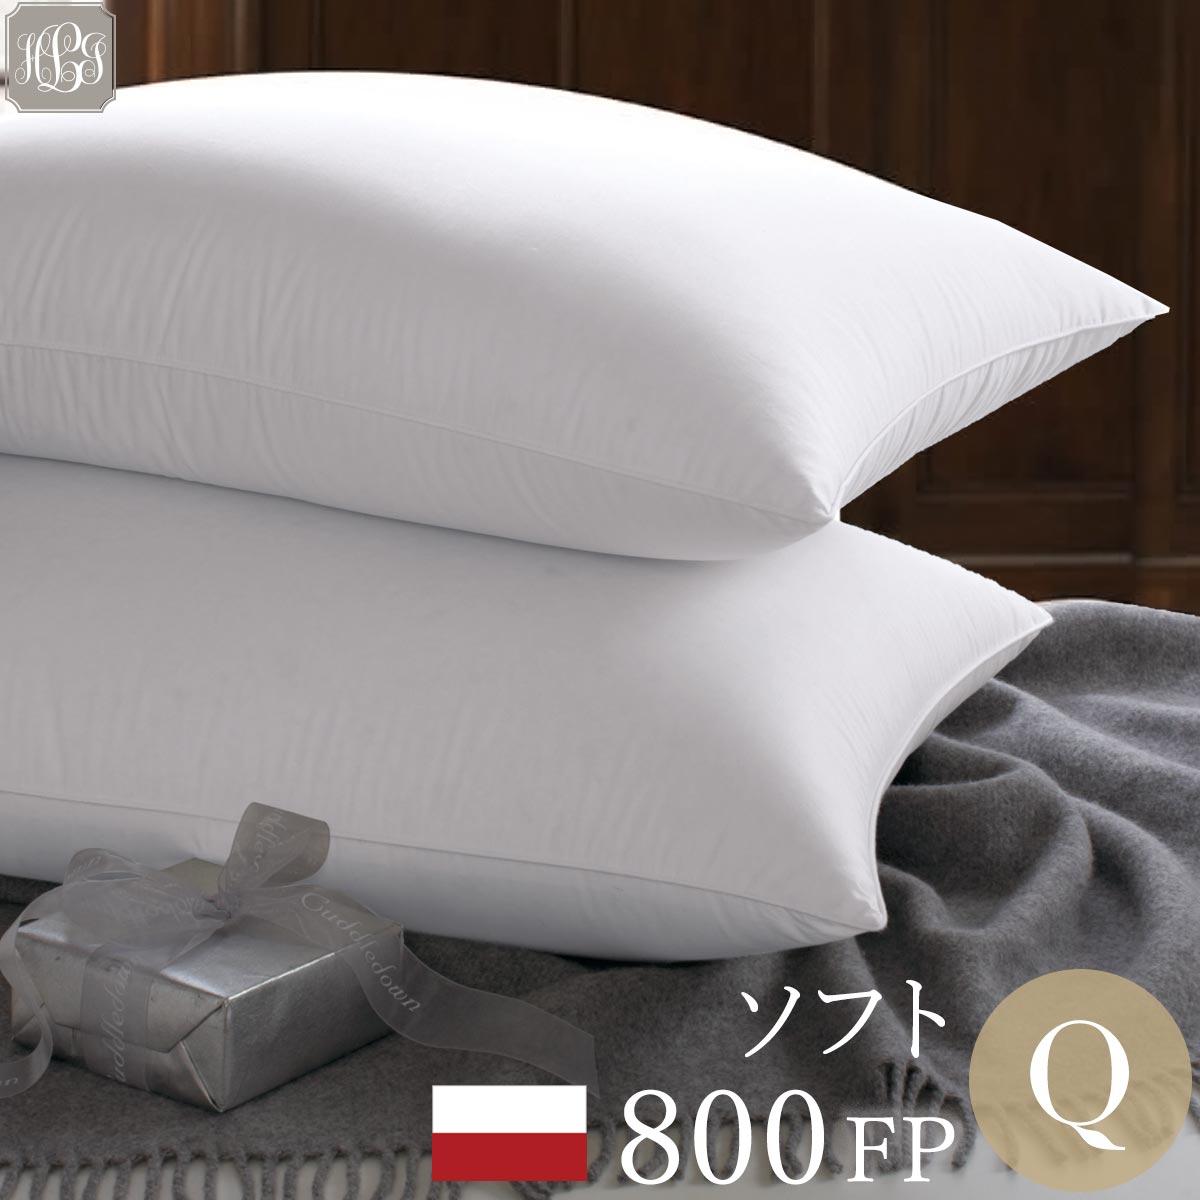 羽毛枕 クイーン 50cmx76cm ソフト 800フィルパワーポーランド産ホワイトマザーグースダウンピロー 送料無料